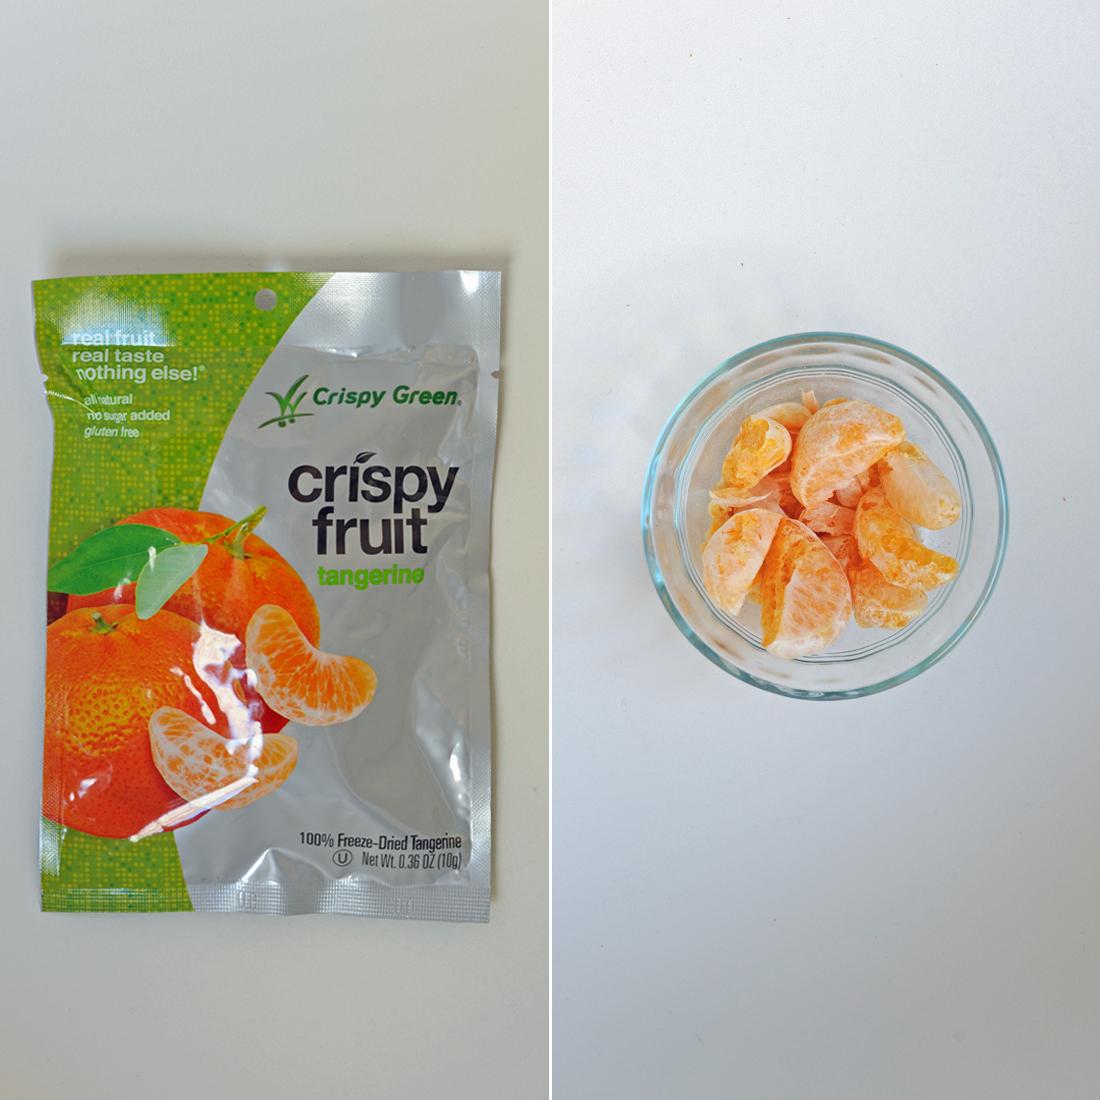 Crispy Green Tangerine Crispy Fruit